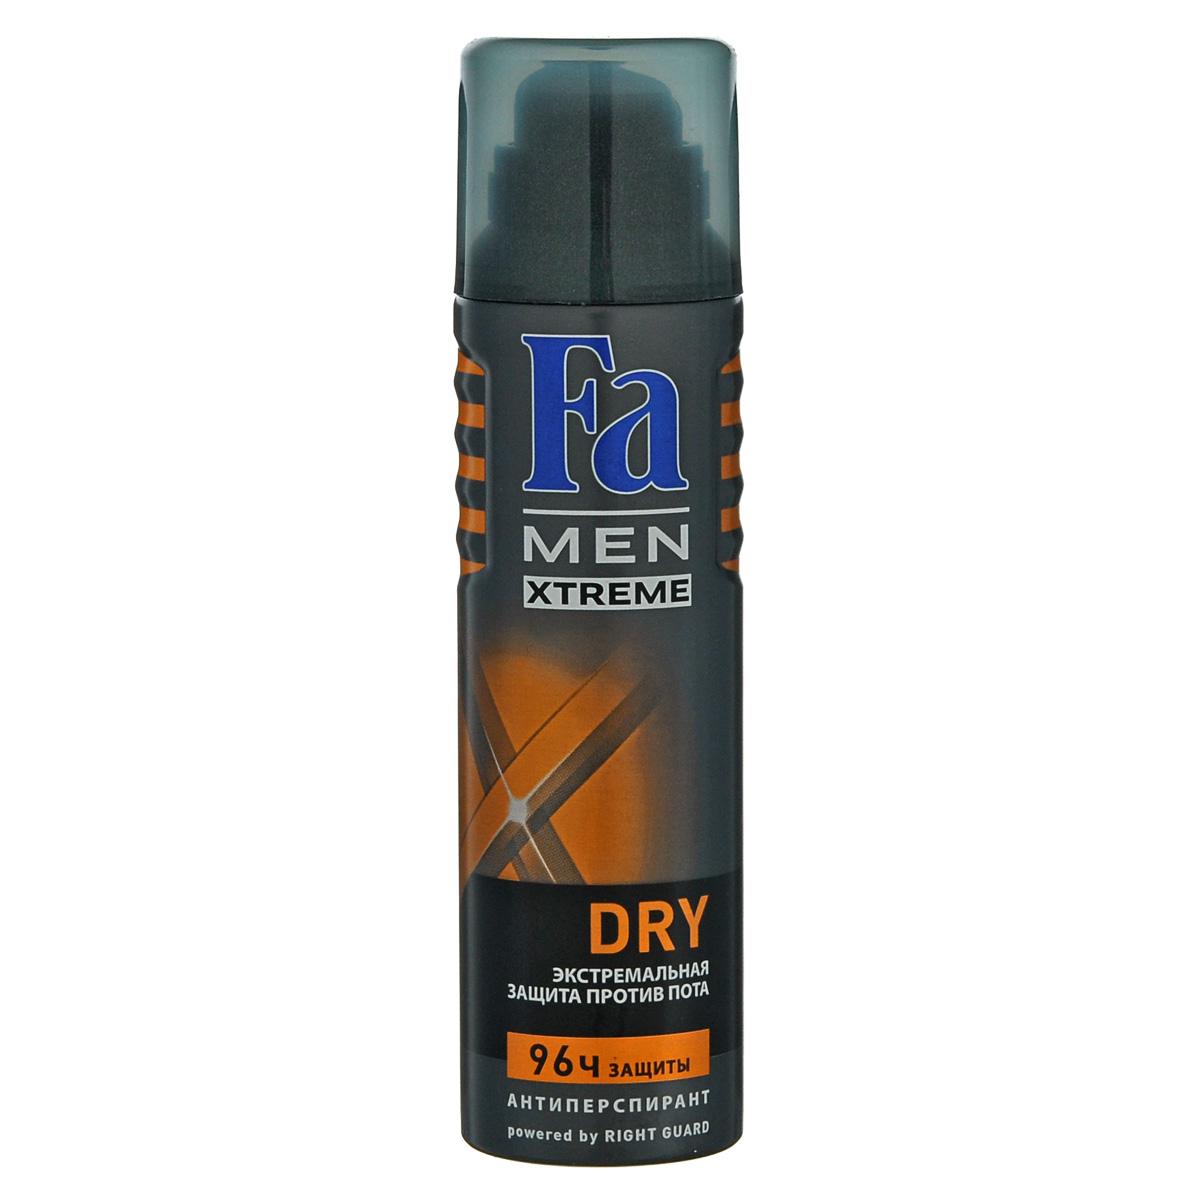 FA MEN Xtreme Дезодорант-аэрозоль Dry, 150 мл12083656Fa MEN Xtreme Dry 96 ч – Экстремальная защита против потоотделения. Инновационная формула с технологией Sweat Detect борется с потом еще до его появления. Формула с микроабсорбентами и антибактериальными ионами серебра. 0 % спирта. Также почувствуйте притягательную свежесть, принимая душ с гелем для душа Fa Men.